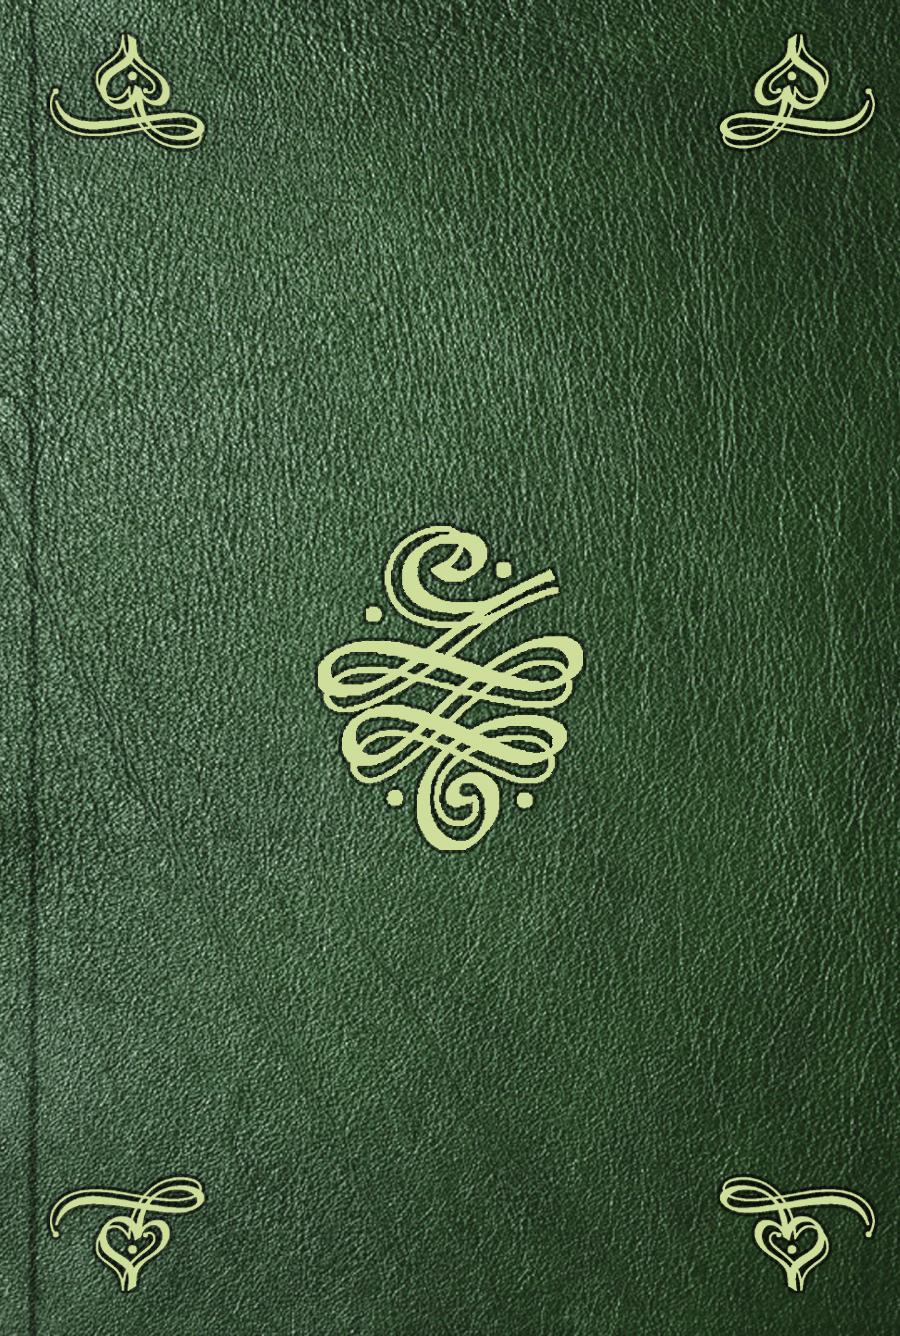 Ennio Quirino Visconti Musee Pie-Clementin. T. 7 ennio morricone ennio morricone s greatest hits 2 cd